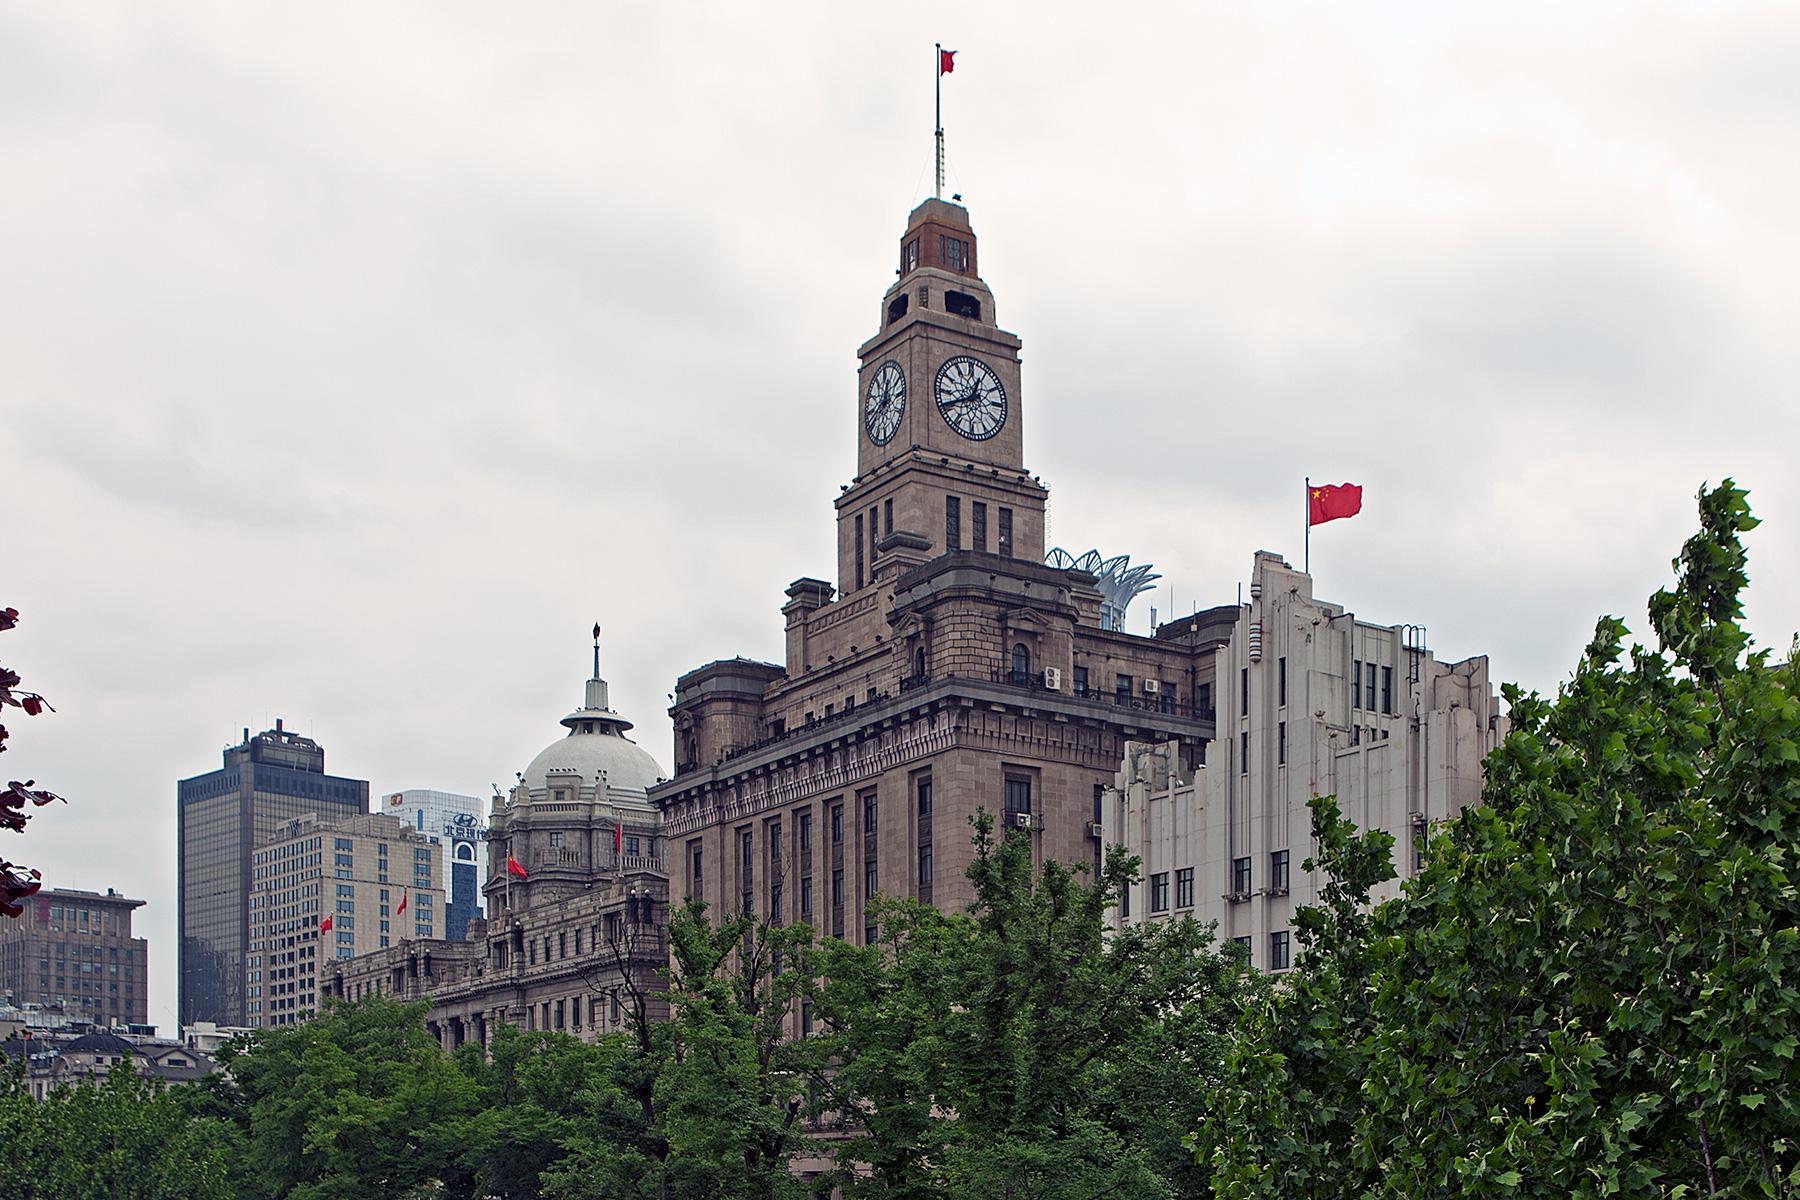 Klassizistisches Gebäude mit Uhrenturm